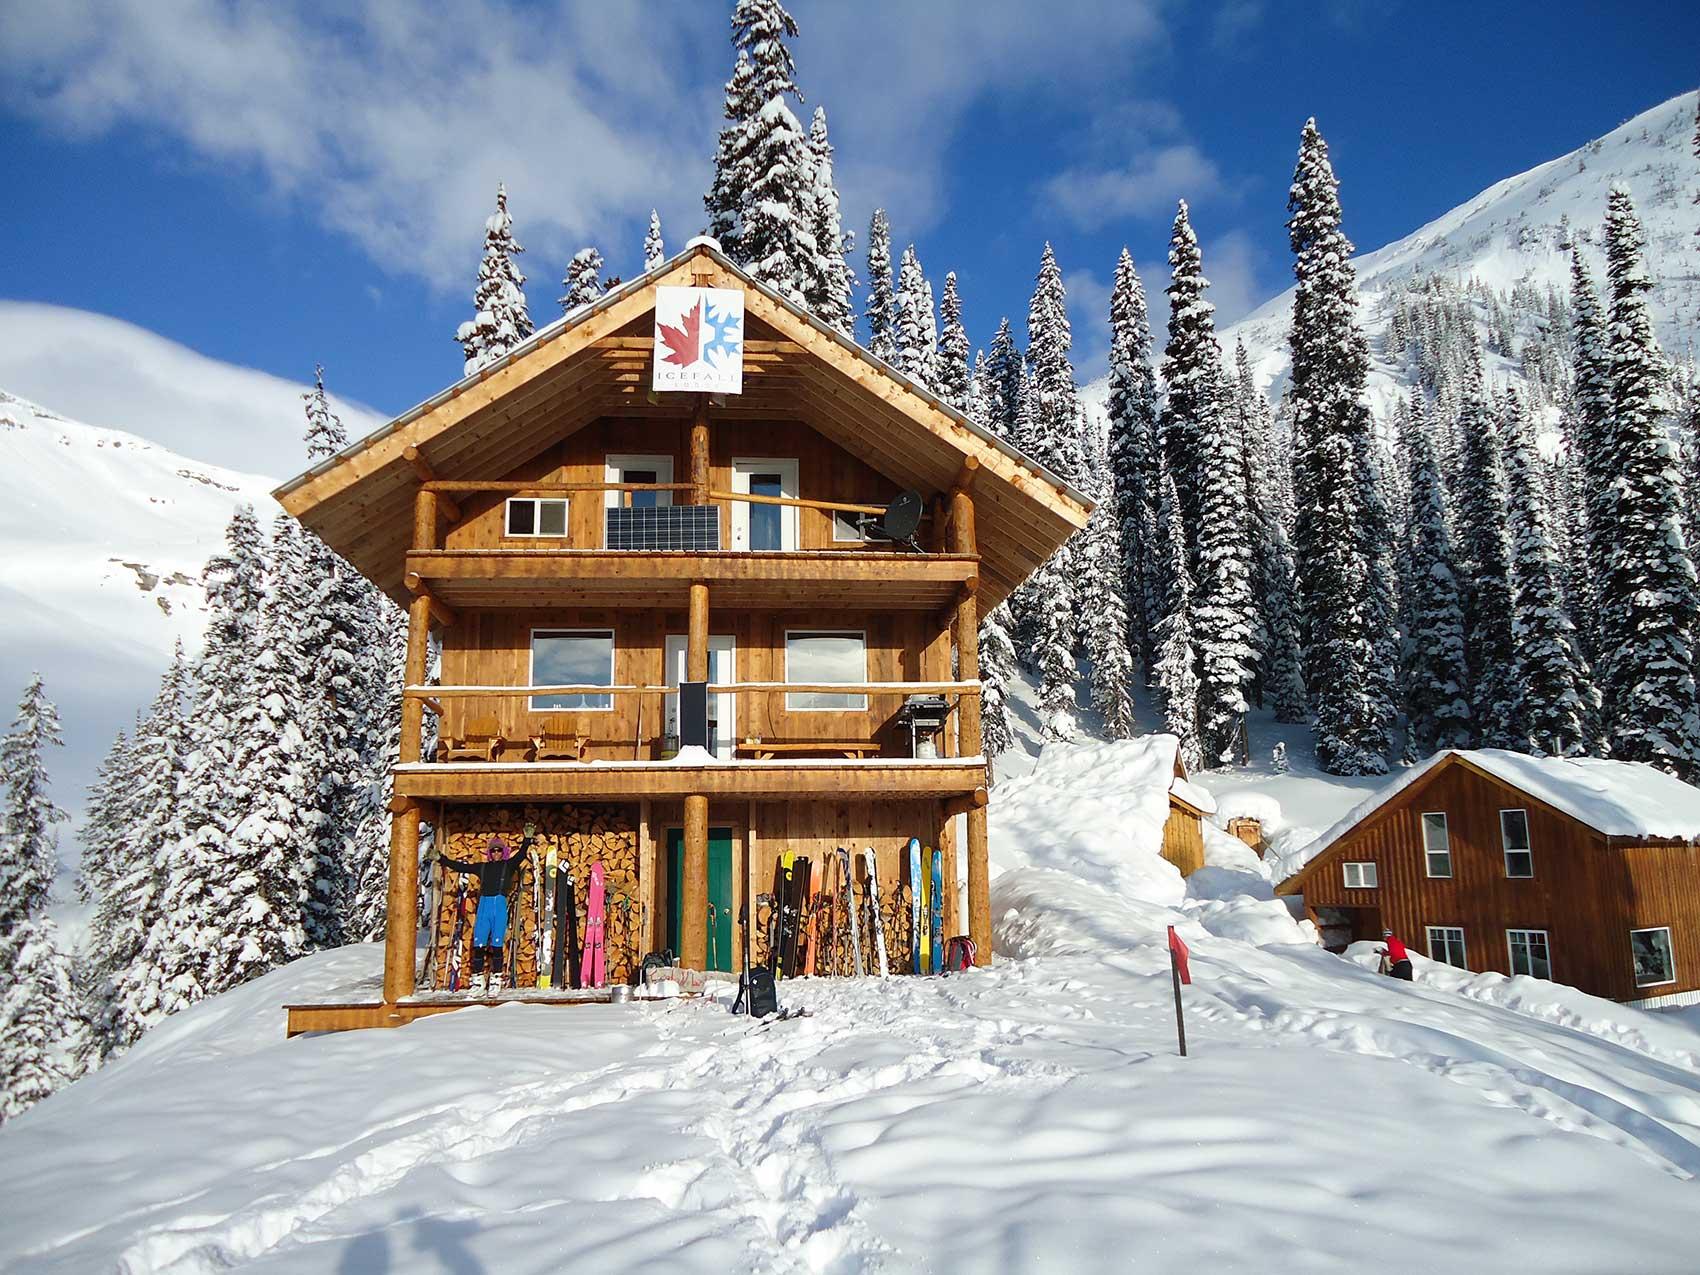 Icefall Lodge en las montañas Selkirk de Canadá